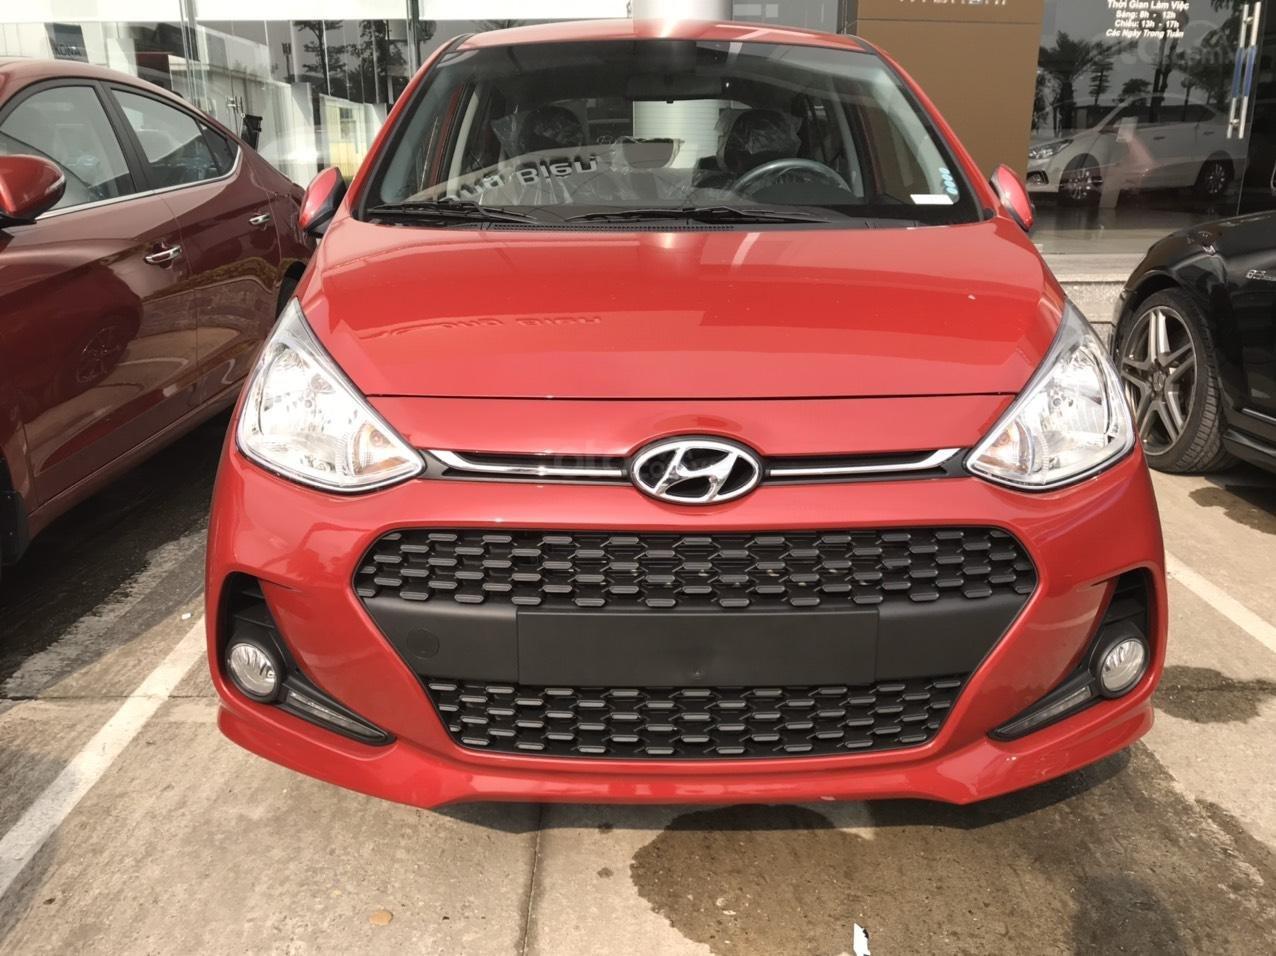 Cần bán Hyundai Grand i10 đời 2020, màu đỏ, xe mới 100%, sx trong nước, hỗ trợ trả góp tới 80% (2)